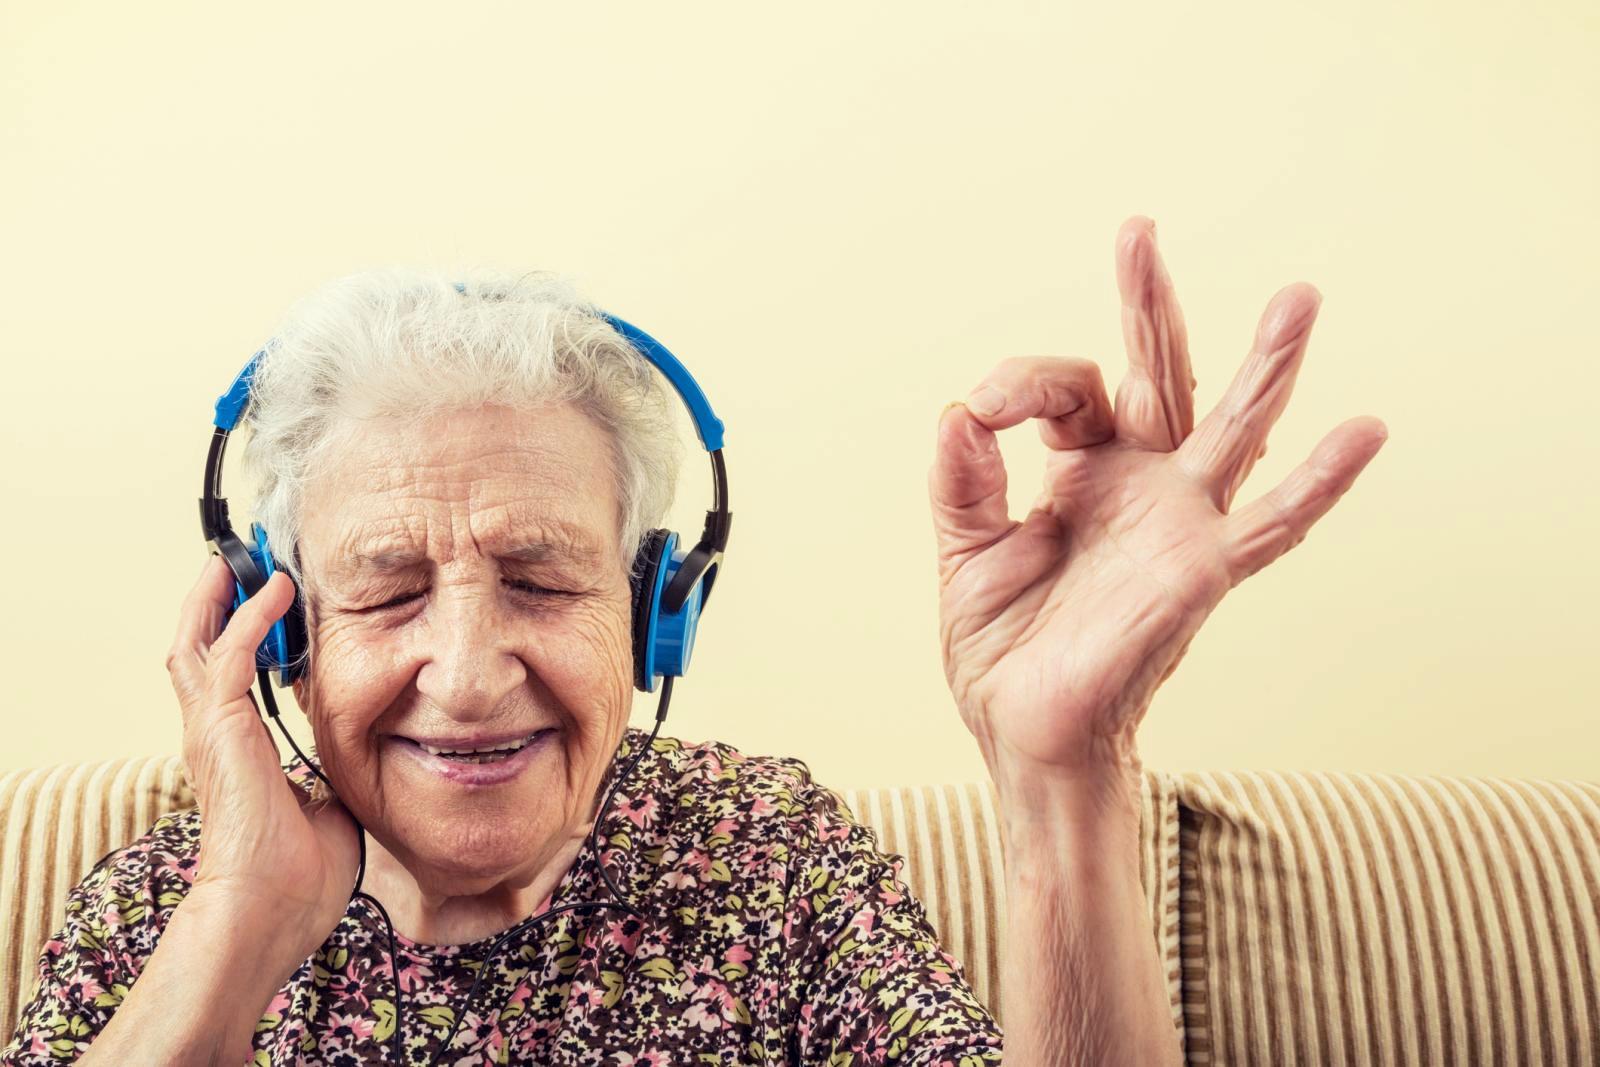 Dobri međuljudski odnosi i dnevna doza smijeha nezaobilazni su čimbenici dugovječnosti.